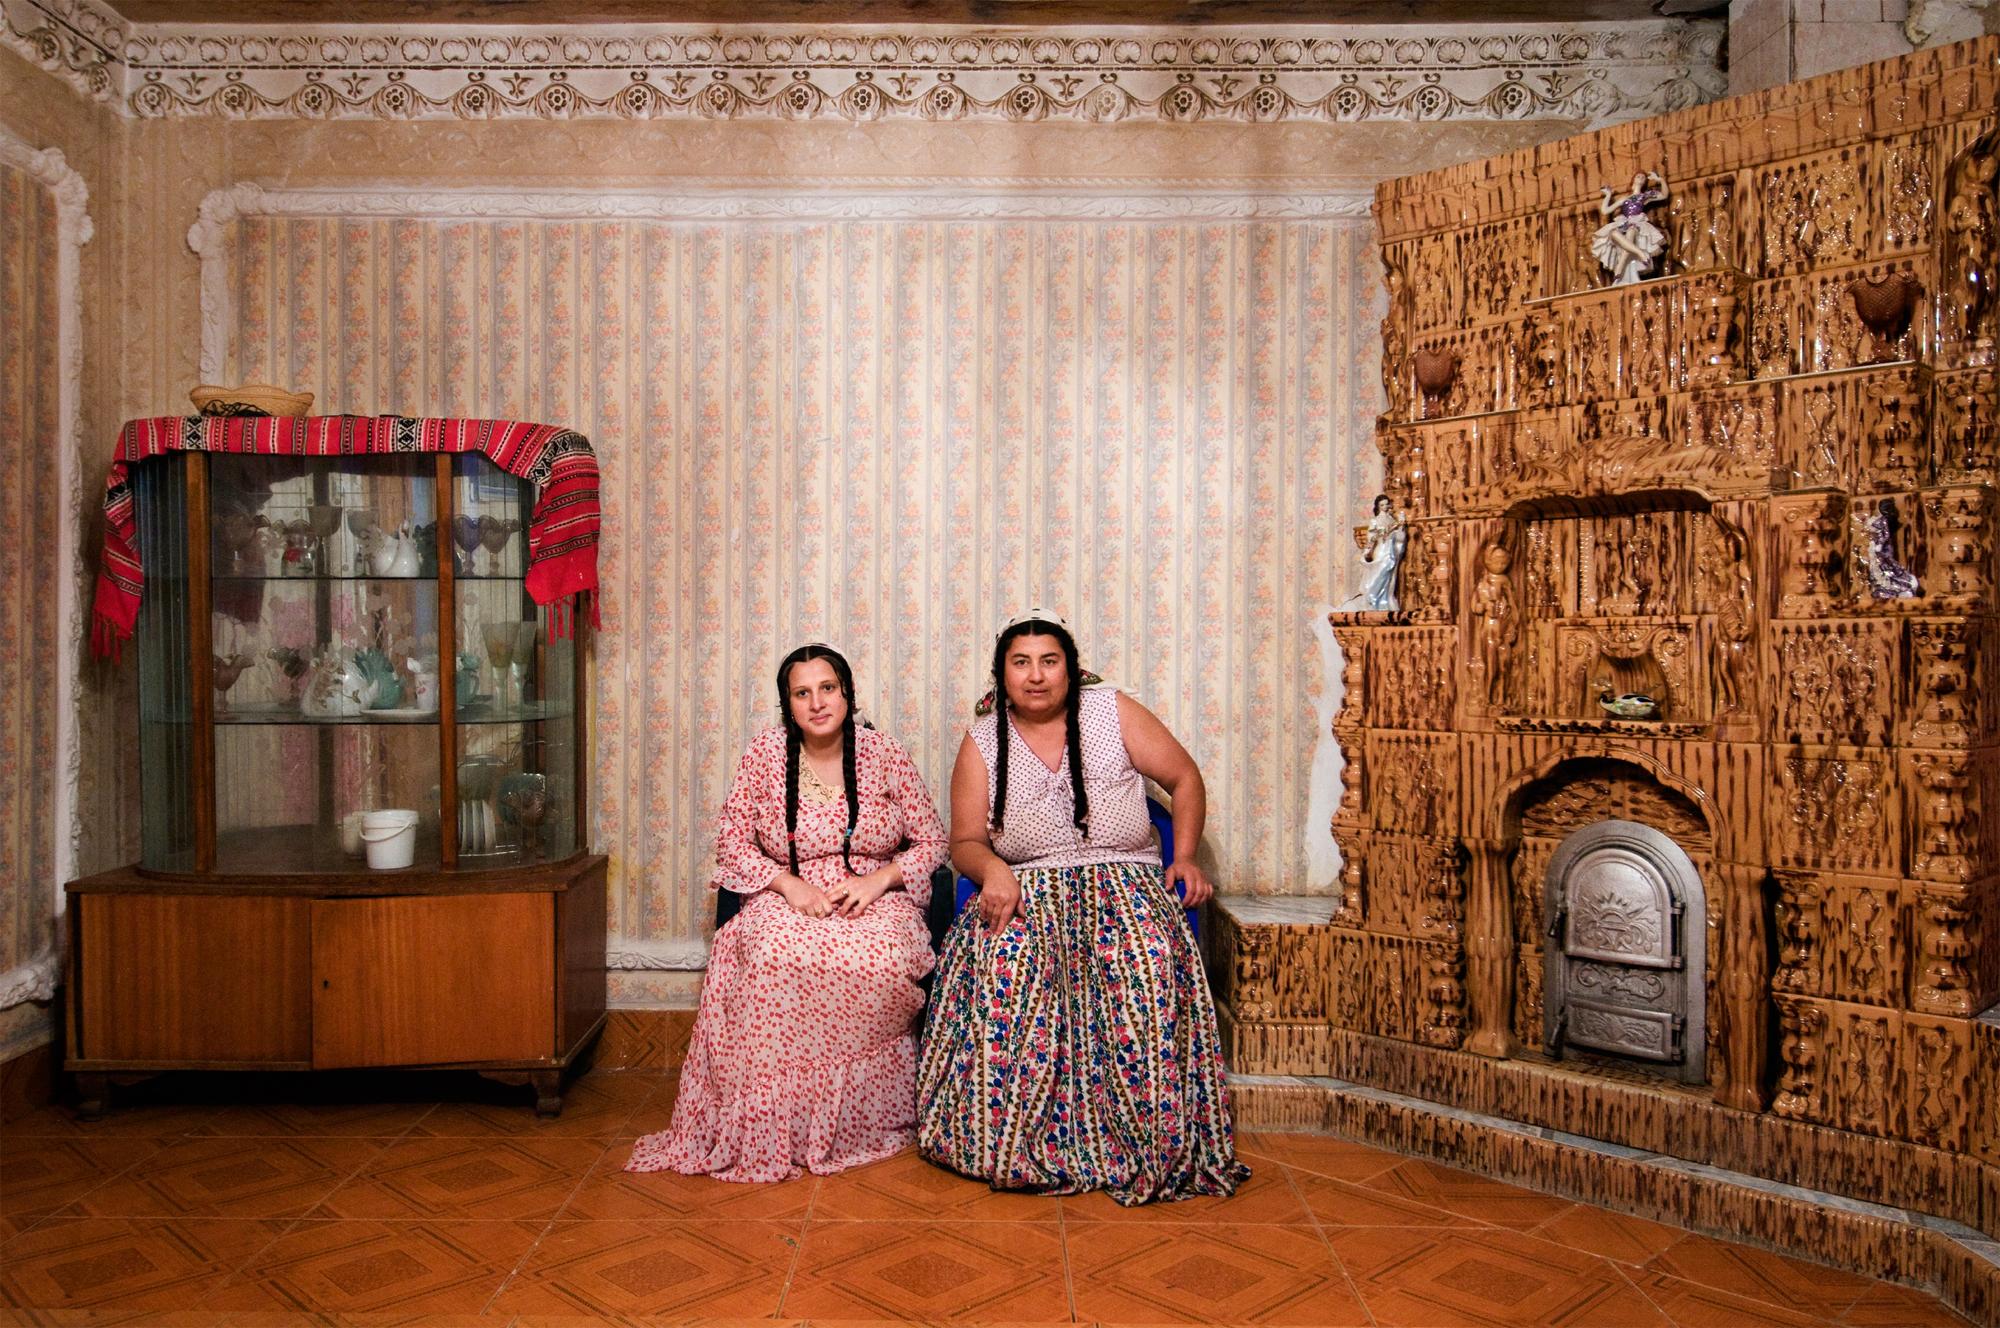 2008, Portraits Reportage, 1° premio © Carlo Gianferro Romania, Ciurea.  L'interno delle case dei Rom abbienti appare immacolato. Le cucine sono principalmente una vetrina, dato che le donne preferiscono cucinare fuori casa in calderoni comuni, insieme ad amiche e vicine.